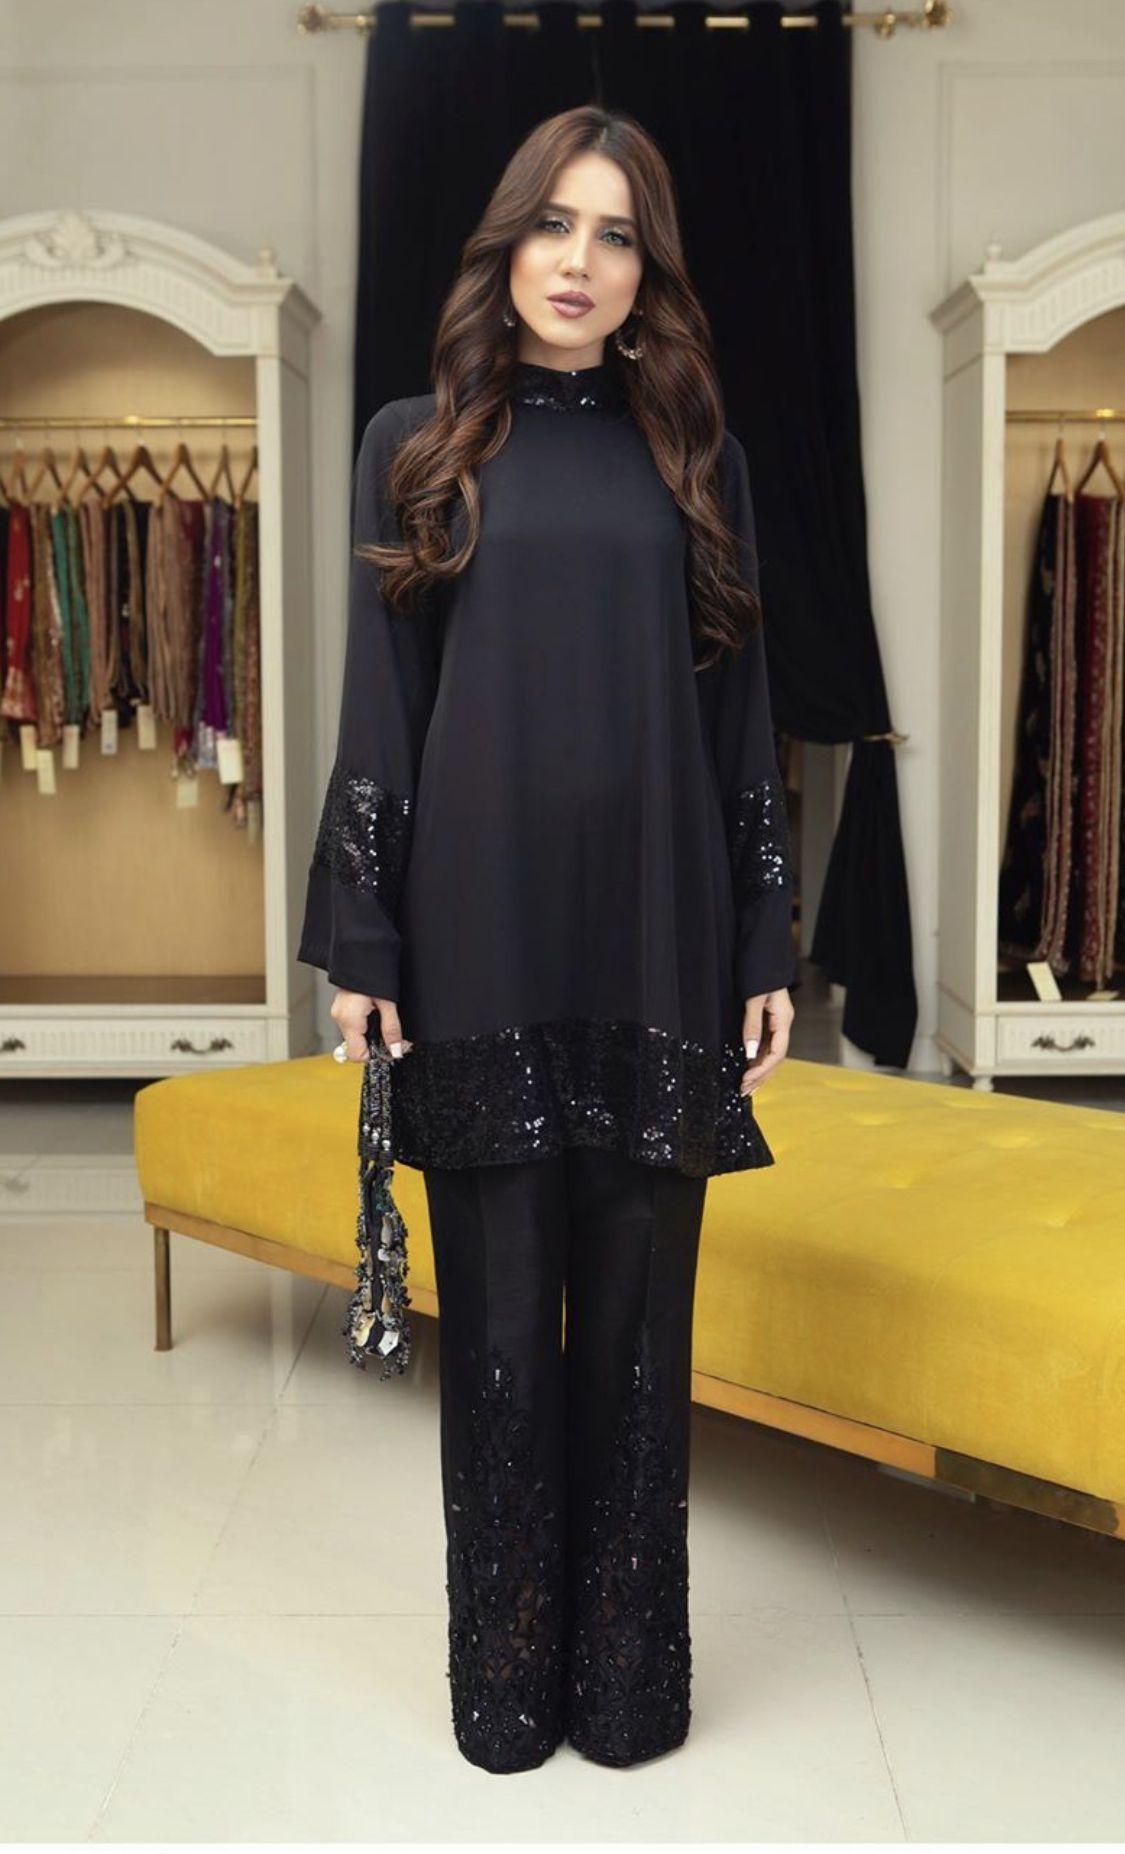 Pin By Anidam Mahammadjonova On Pakistani Fashion Fancy Dress Design Stylish Dress Designs Fashion Dresss [ 1854 x 1125 Pixel ]